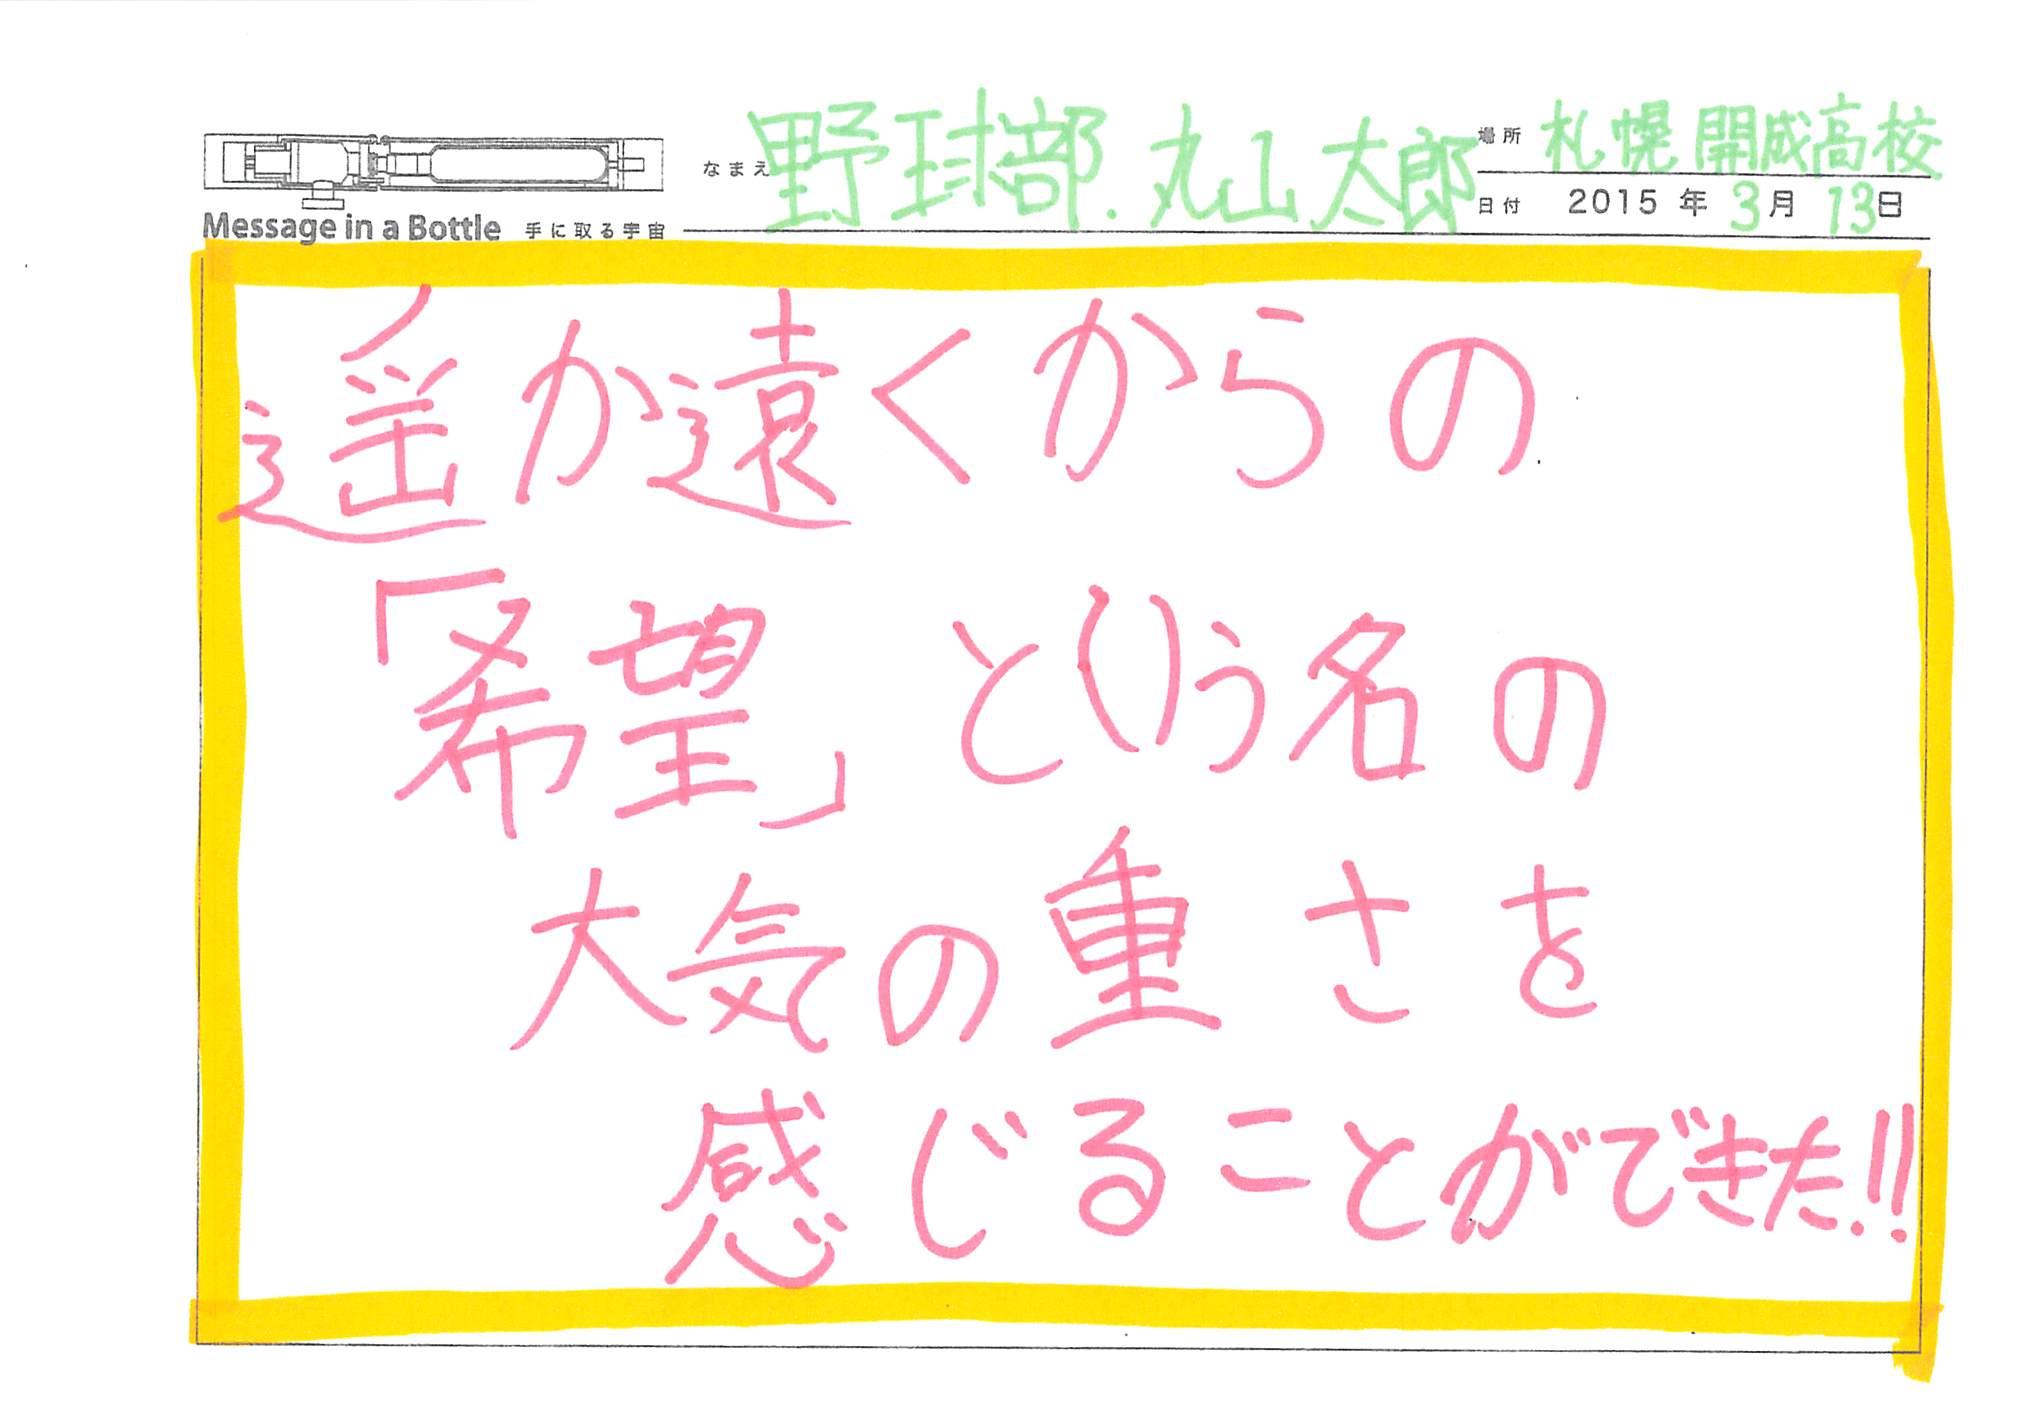 2015-04-09-21-13-42.jpg